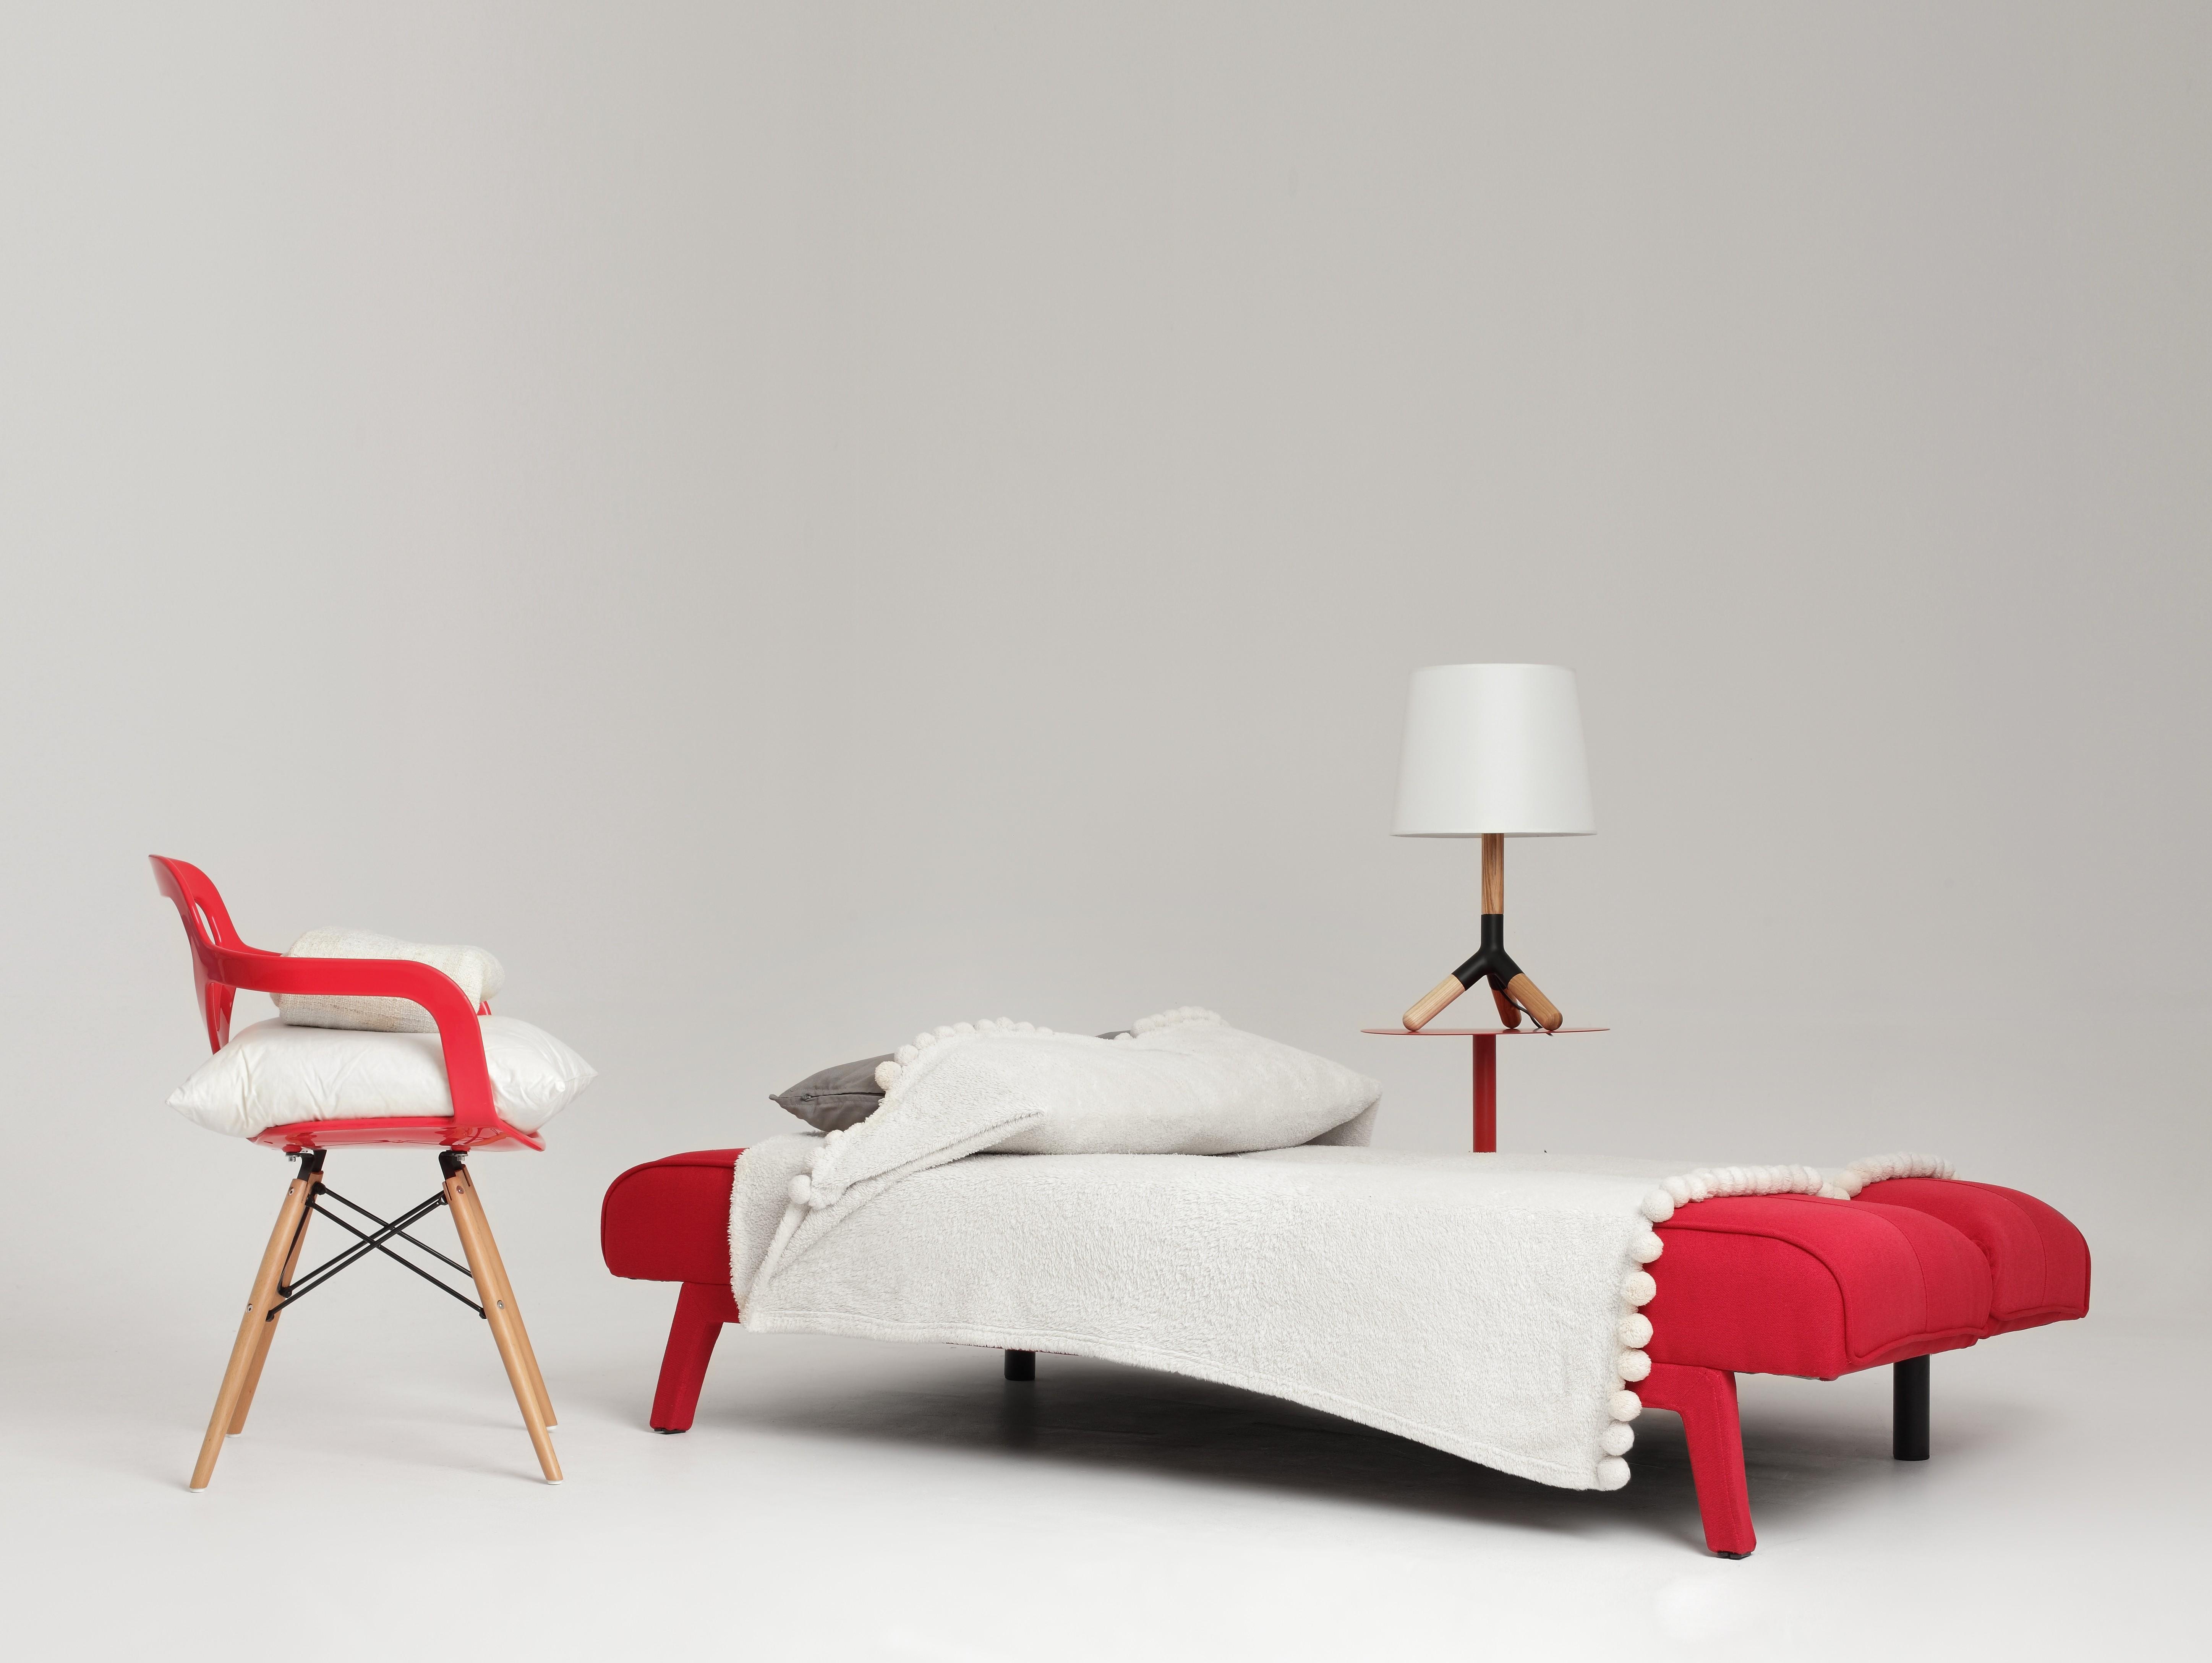 kika kanapé ágy ~ modes kanapé  ágy  szófák  Ülőbútor